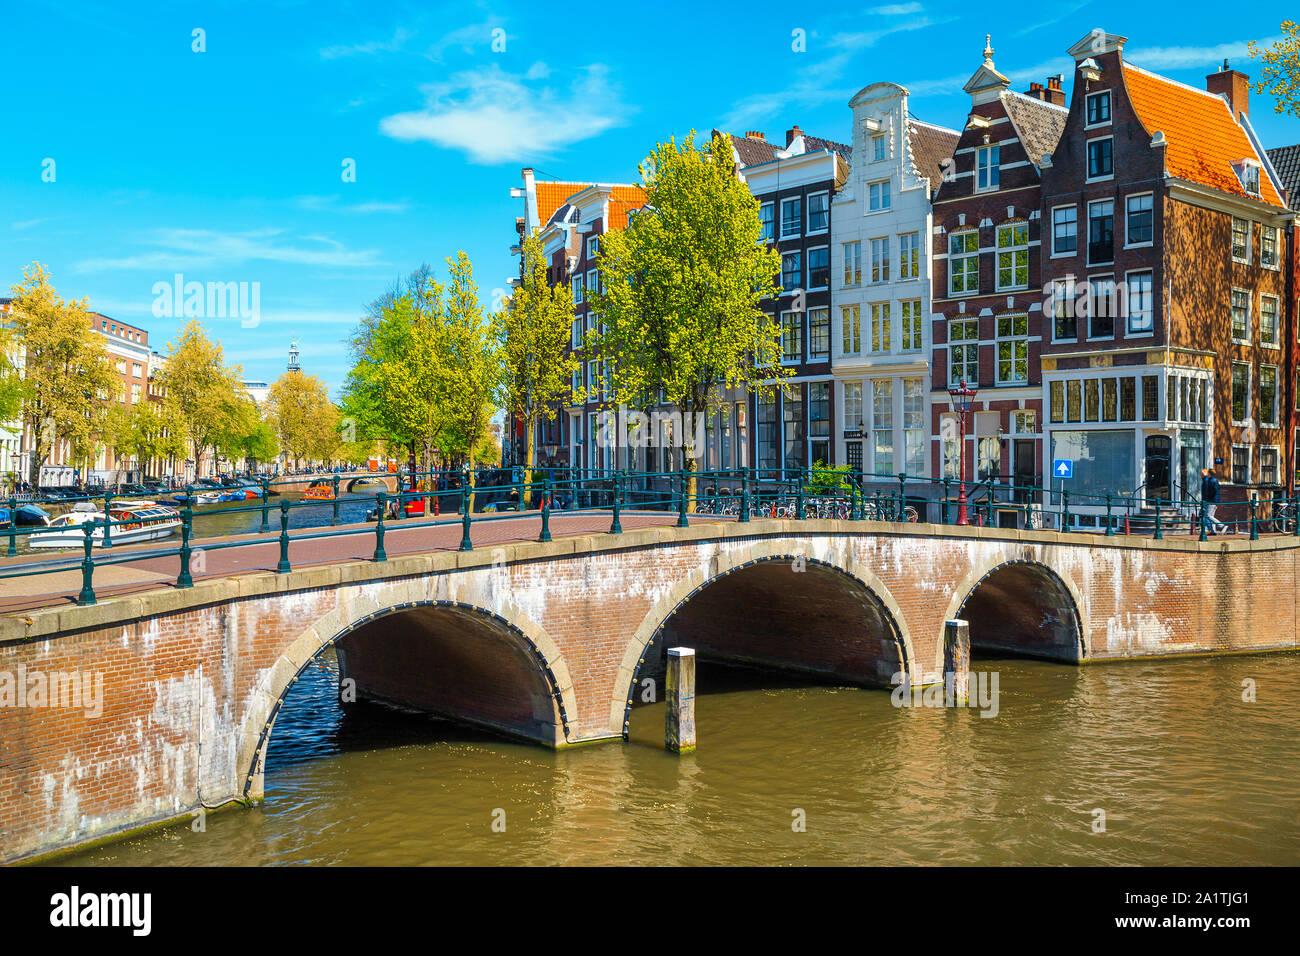 La pintoresca ubicación turística y de viajes. Hermosos canales de agua y ríos con espectaculares edificios tradicional holandés, Amsterdam, Países Bajos, E Foto de stock